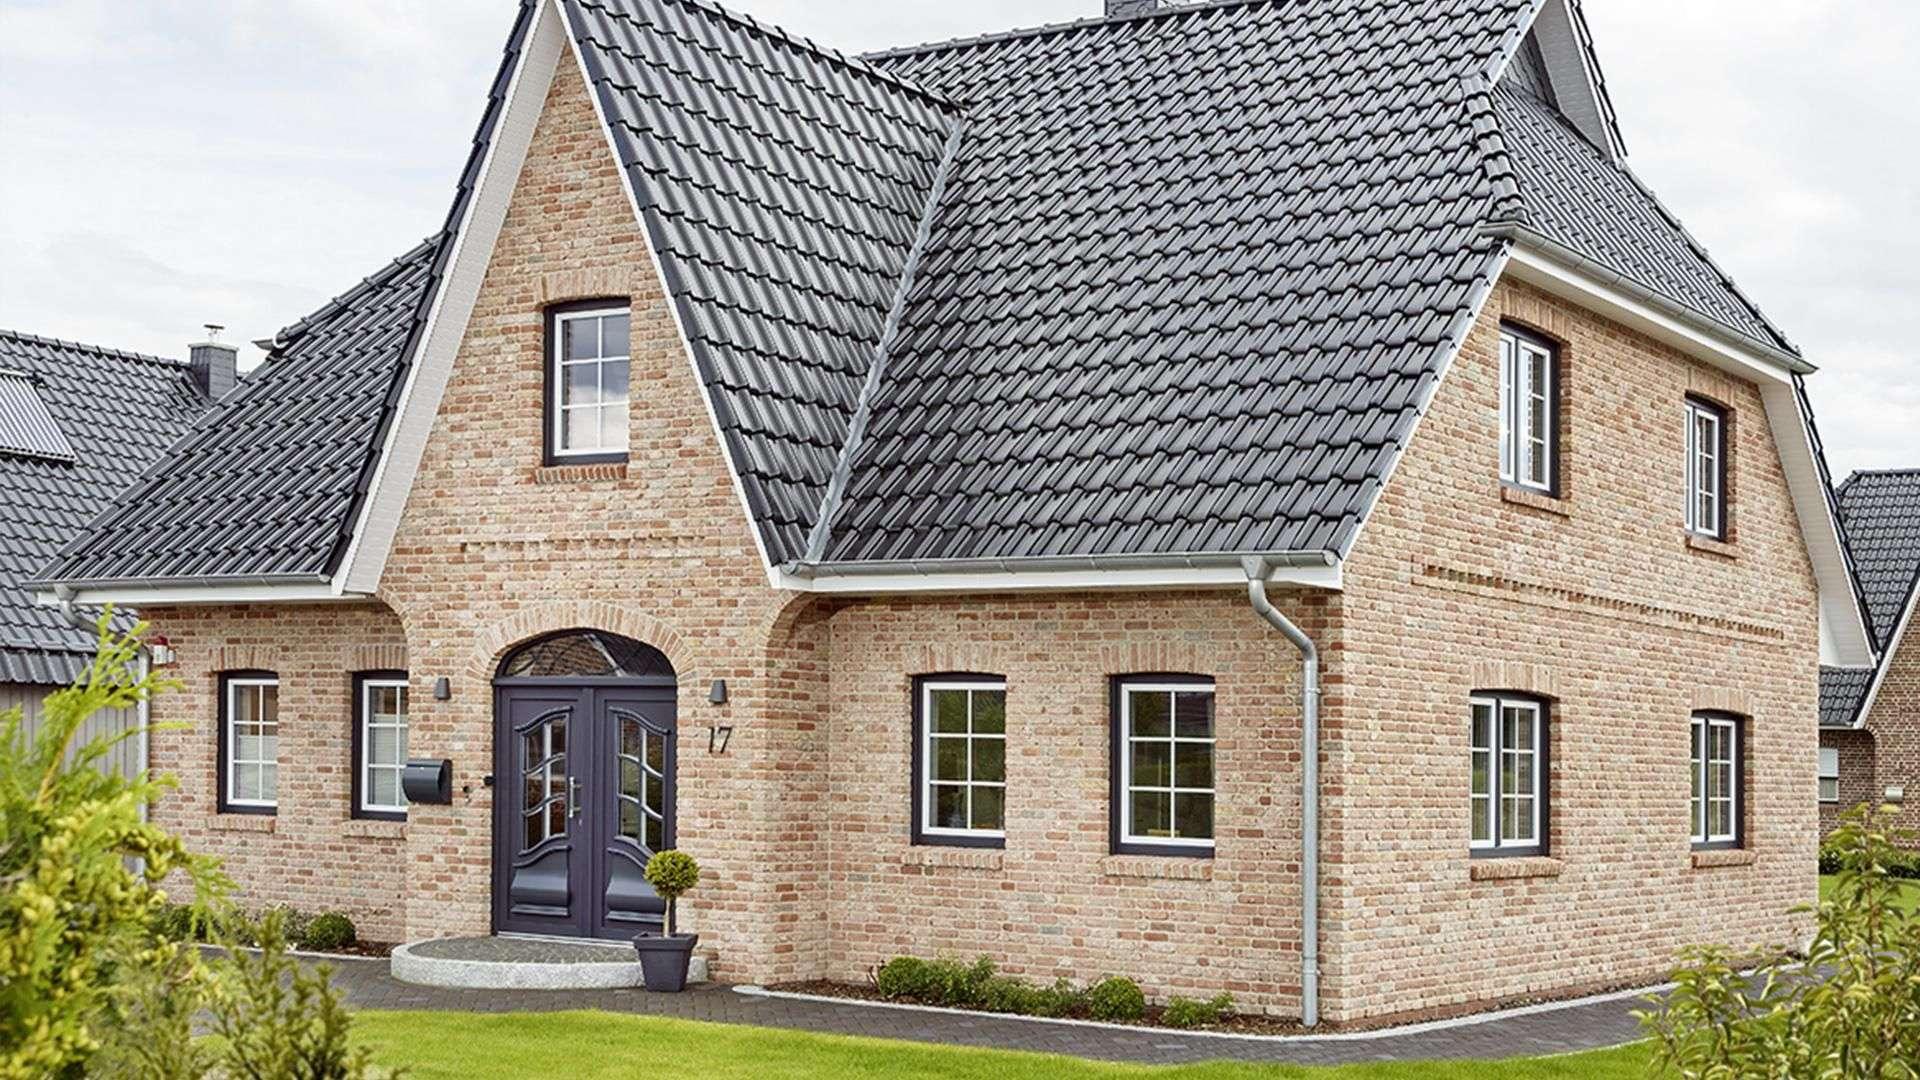 großes Wohnhaus mit dunkler Rundbogenhaustür und vielen Fenstern